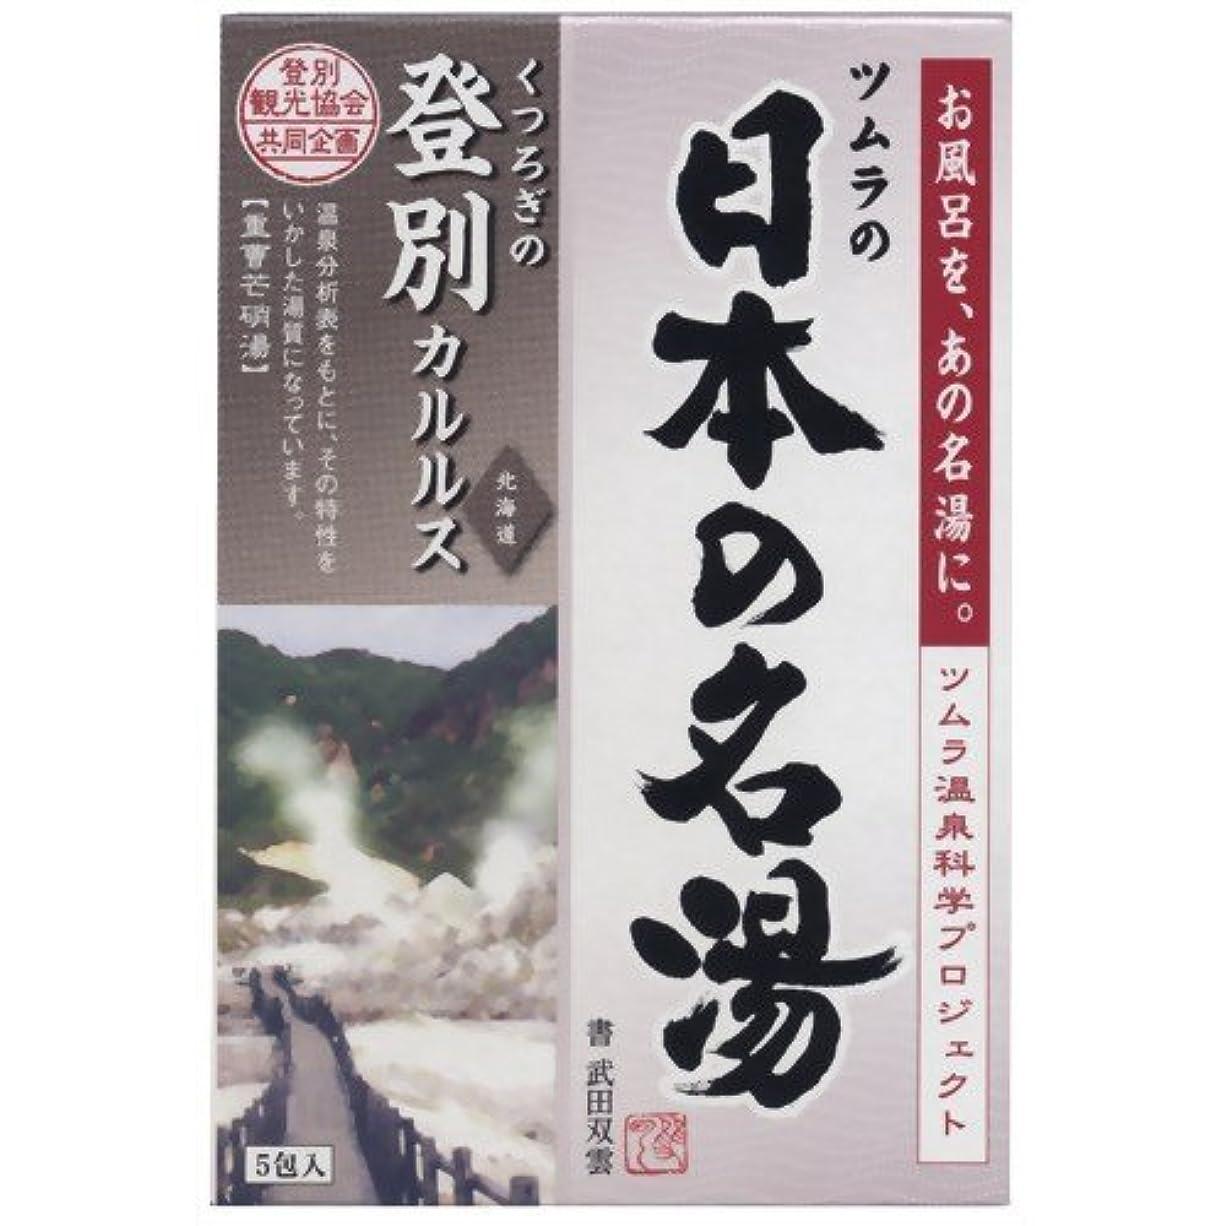 ベーシック蓄積する賠償日本の名湯 登別カルルス30g 5包入り にごりタイプ 入浴剤 (医薬部外品) × 5個セット